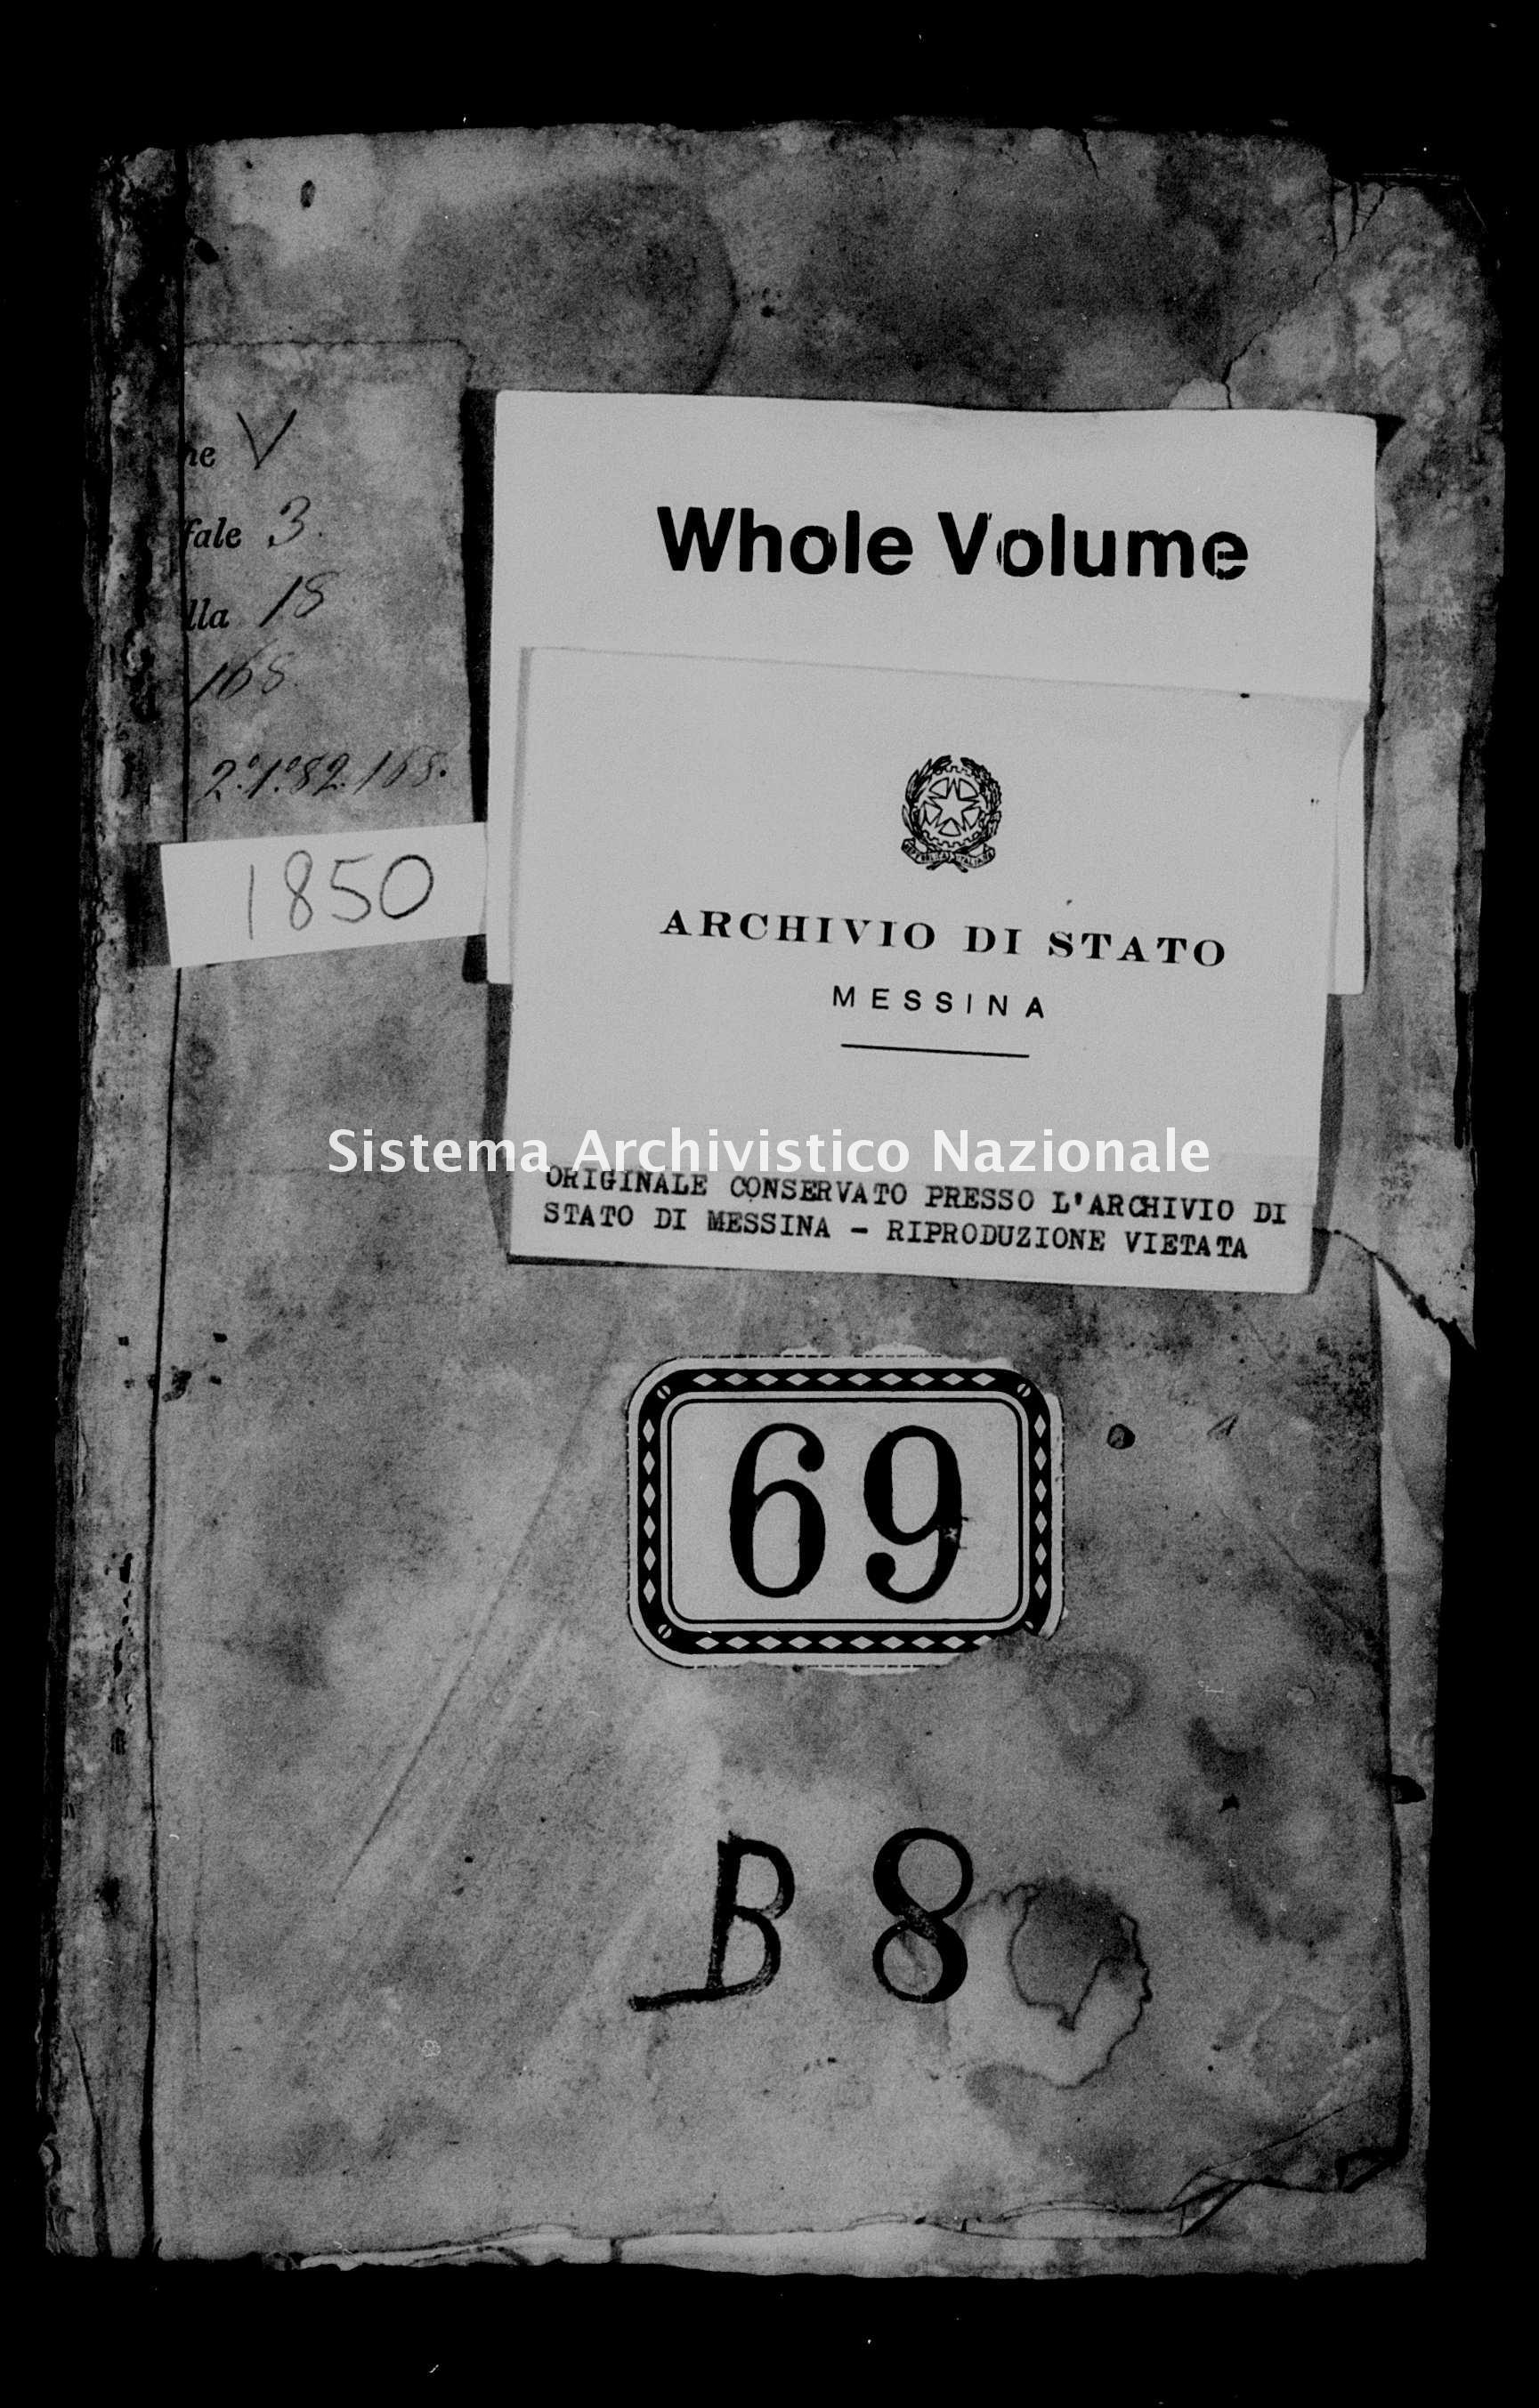 Archivio di stato di Messina - Stato civile della restaurazione - Alcara li Fusi - Matrimoni - 1850 -